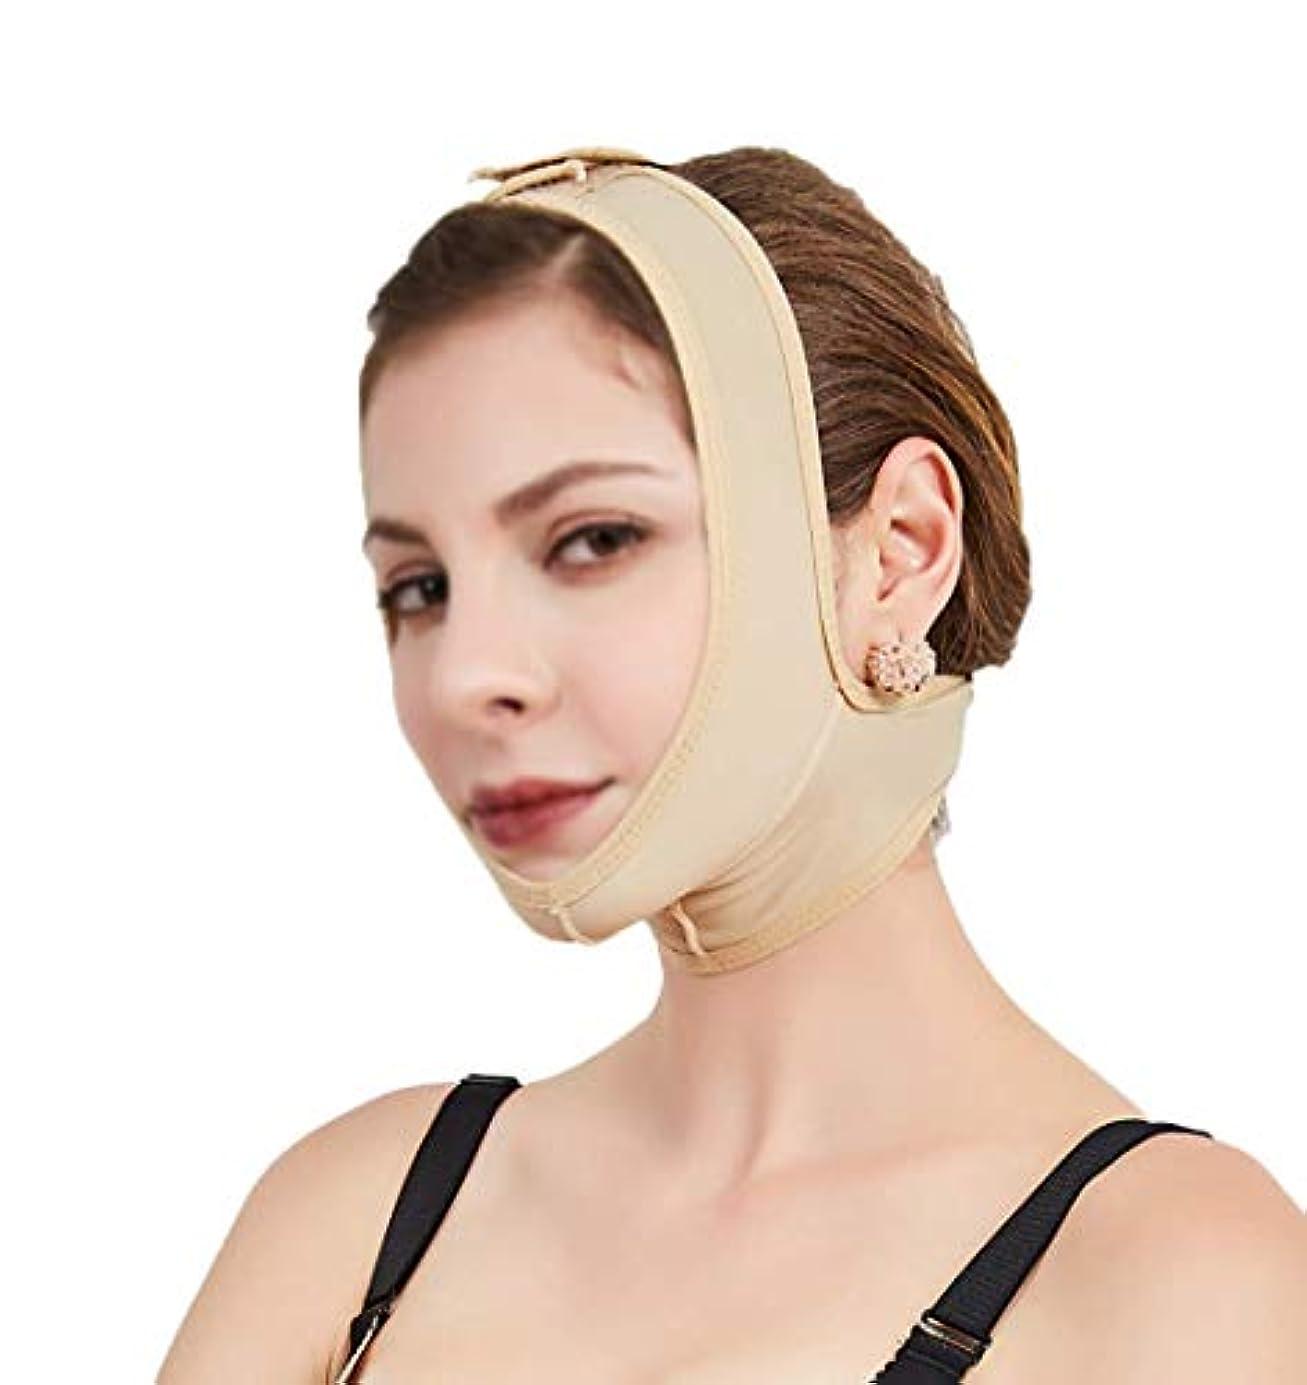 郵便技術再発する顔と首 リフティングSlim身ベルト Vラインチンリフトアップバンド 女性のための ダブルチンケア 減量 Vの顔の包帯